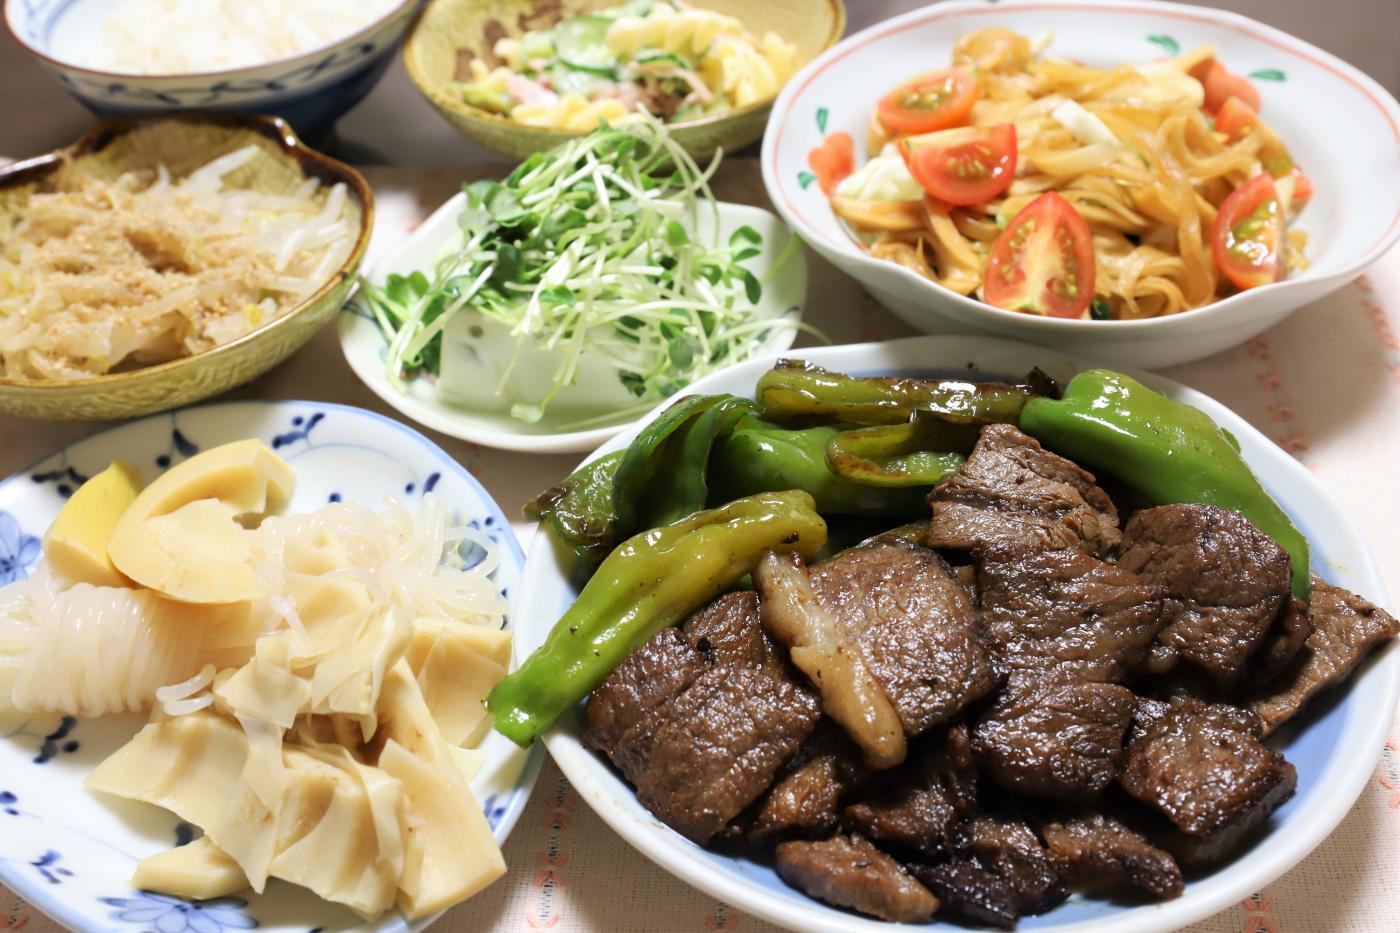 牛肉と万願寺とうがらしの焼いたものや、タケノコの煮物など、祖母(おばあ)が作った晩ごはんのメニュー